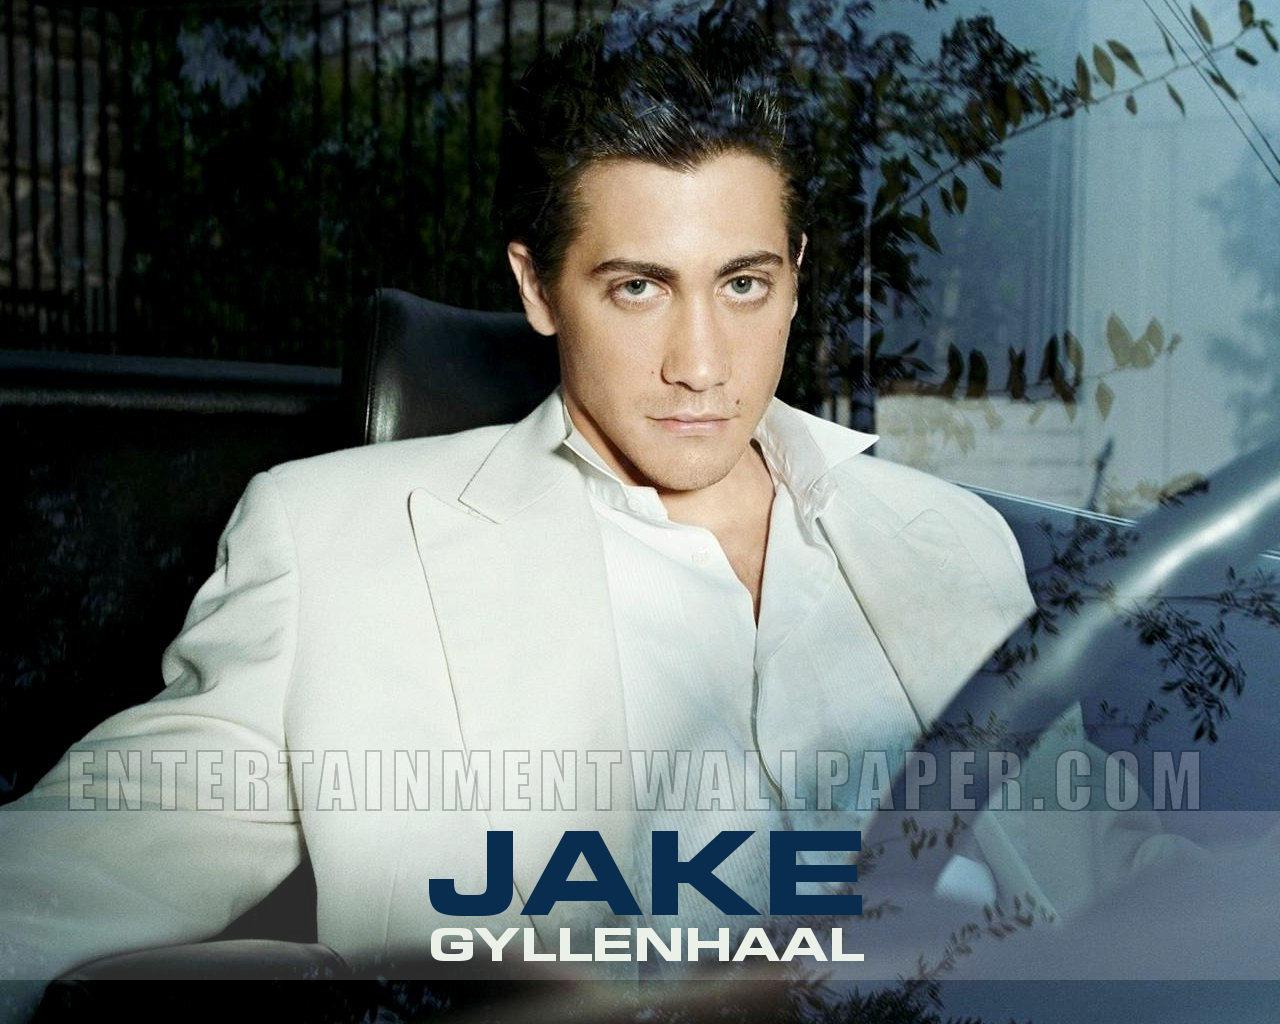 http://1.bp.blogspot.com/-l8cpADxD-Q4/T69NQRelK9I/AAAAAAAAAKw/tYL2Y5aCfKw/s1600/jake_gyllenhaal04.jpg